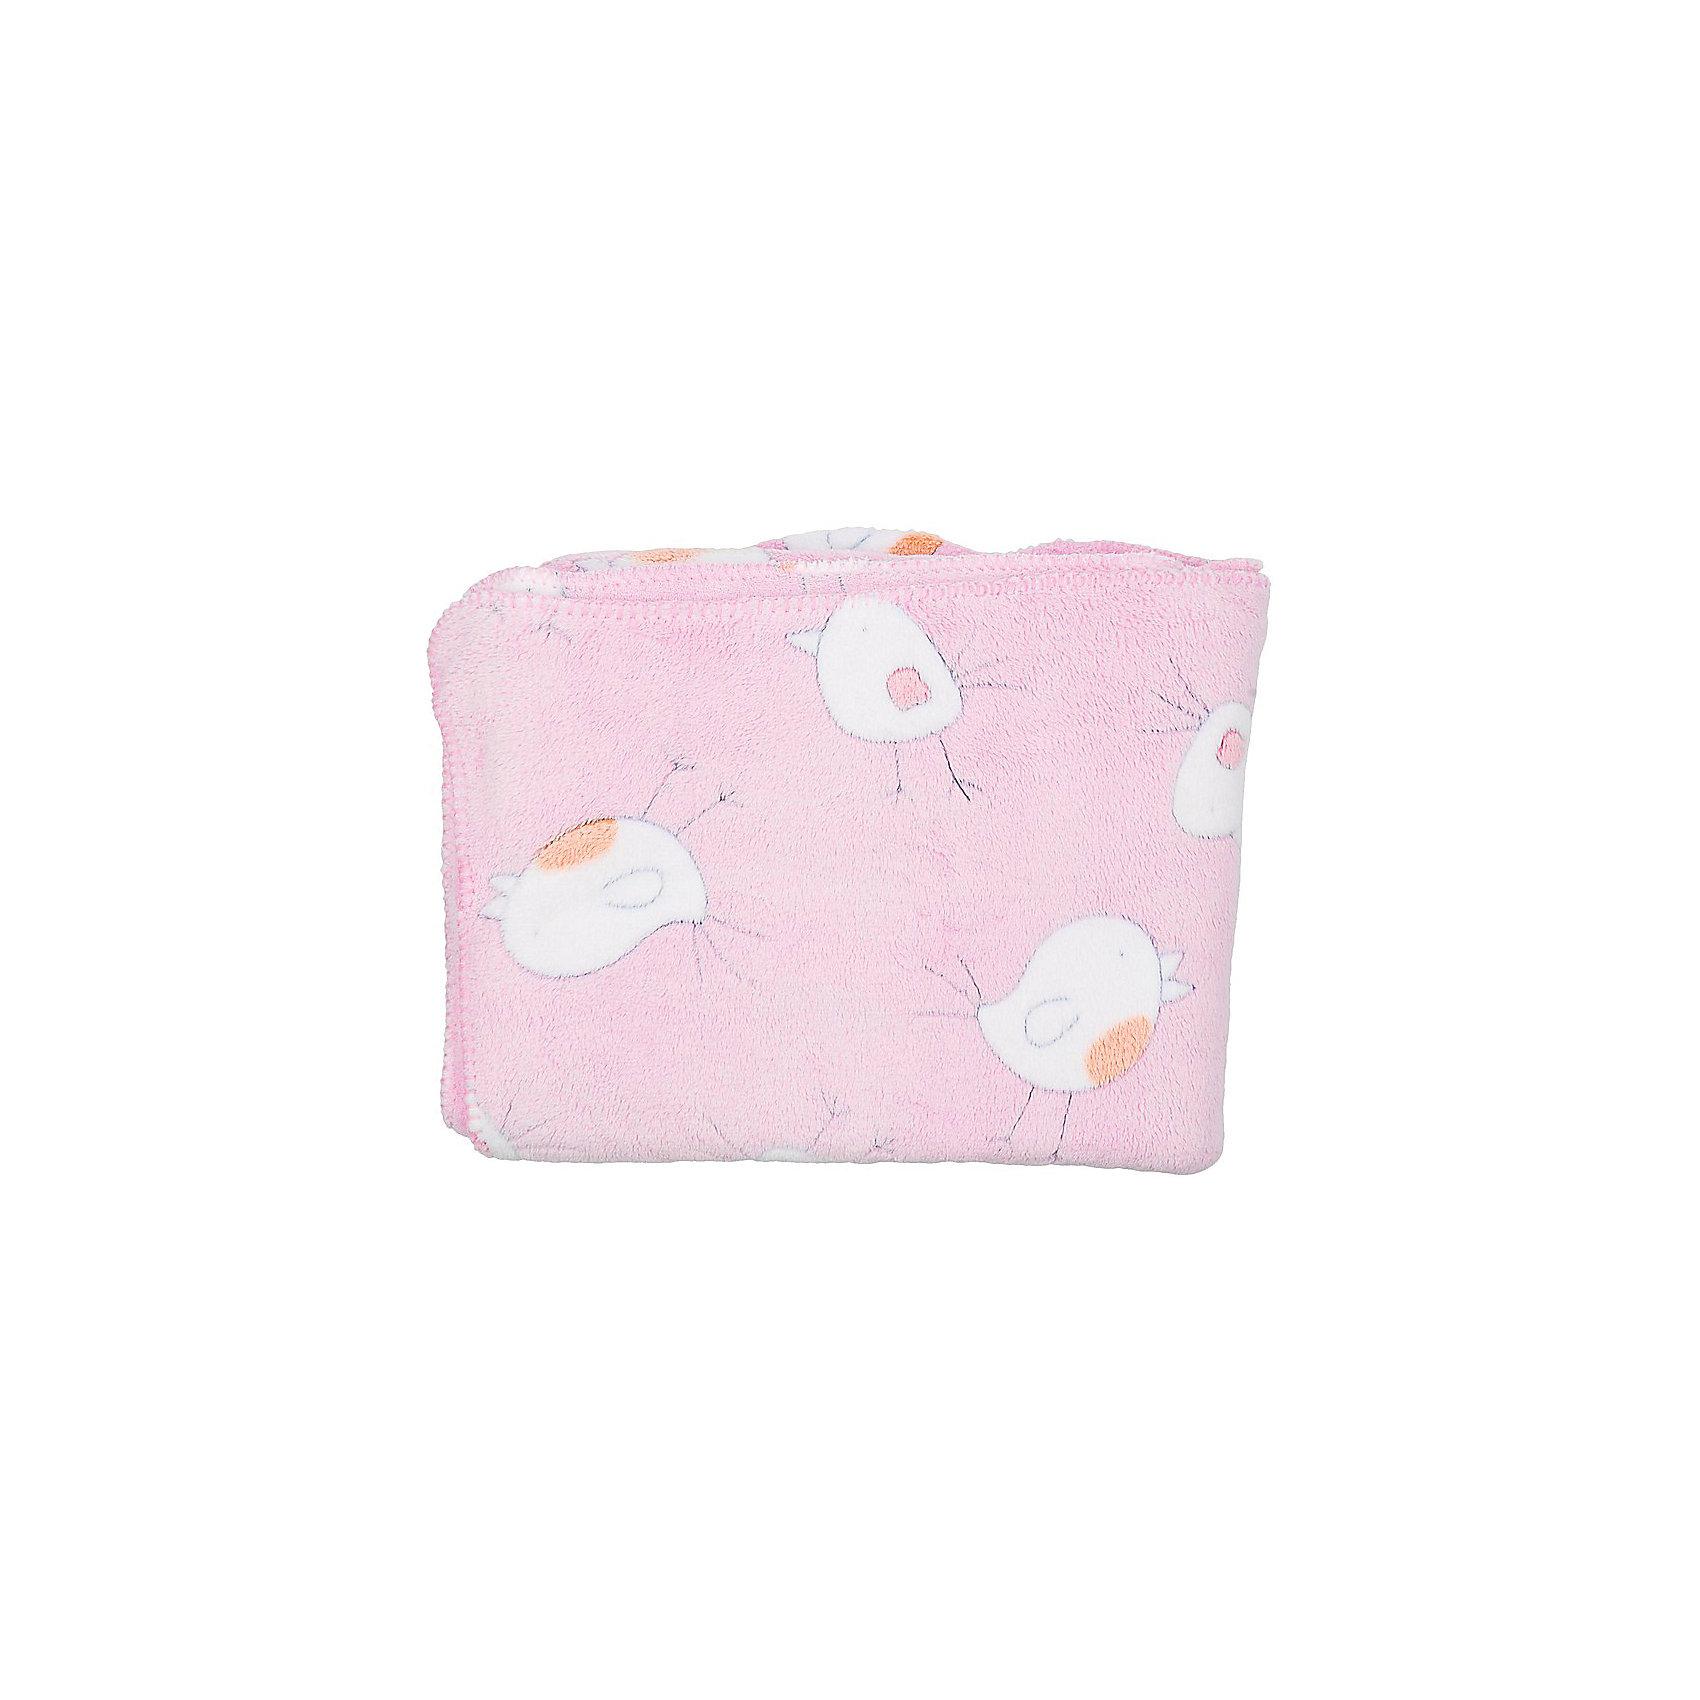 Плед-покрывало Птичка 100х118  Velsoft 2-стороннее оверлок, Baby Nice, розовыйОдеяла, пледы<br>Малыши нуждаются в особом уходе. Постельные принадлежности для детей должны быть качественными и безопасными. Этот плед-покрывало разработан специально для малышей, оно обеспечивает комфорт на всю ночь. Плед украшен симпатичным принтом.<br>Пледик сшит из мягкого легкого  материала - велсофта, приятного на ощупь. Он не вызывает аллергии, что особенно важно для малышей. Покрывало обеспечит хорошую терморегуляцию, а значит - крепкий сон. Плед сделан из высококачественных материалов, безопасных для ребенка.<br><br>Дополнительная информация:<br><br>цвет: розовый;<br>материал: велсофт;<br>принт;<br>размер: 100 х 118 см;<br>обработка: оверлок;<br>двустороннее.<br><br>Плед-покрывало Птичка 100х118  Velsoft 2-стороннее оверлок,  от компании Baby Nice можно купить в нашем магазине.<br><br>Ширина мм: 10<br>Глубина мм: 20<br>Высота мм: 10<br>Вес г: 300<br>Возраст от месяцев: 0<br>Возраст до месяцев: 36<br>Пол: Унисекс<br>Возраст: Детский<br>SKU: 4941801